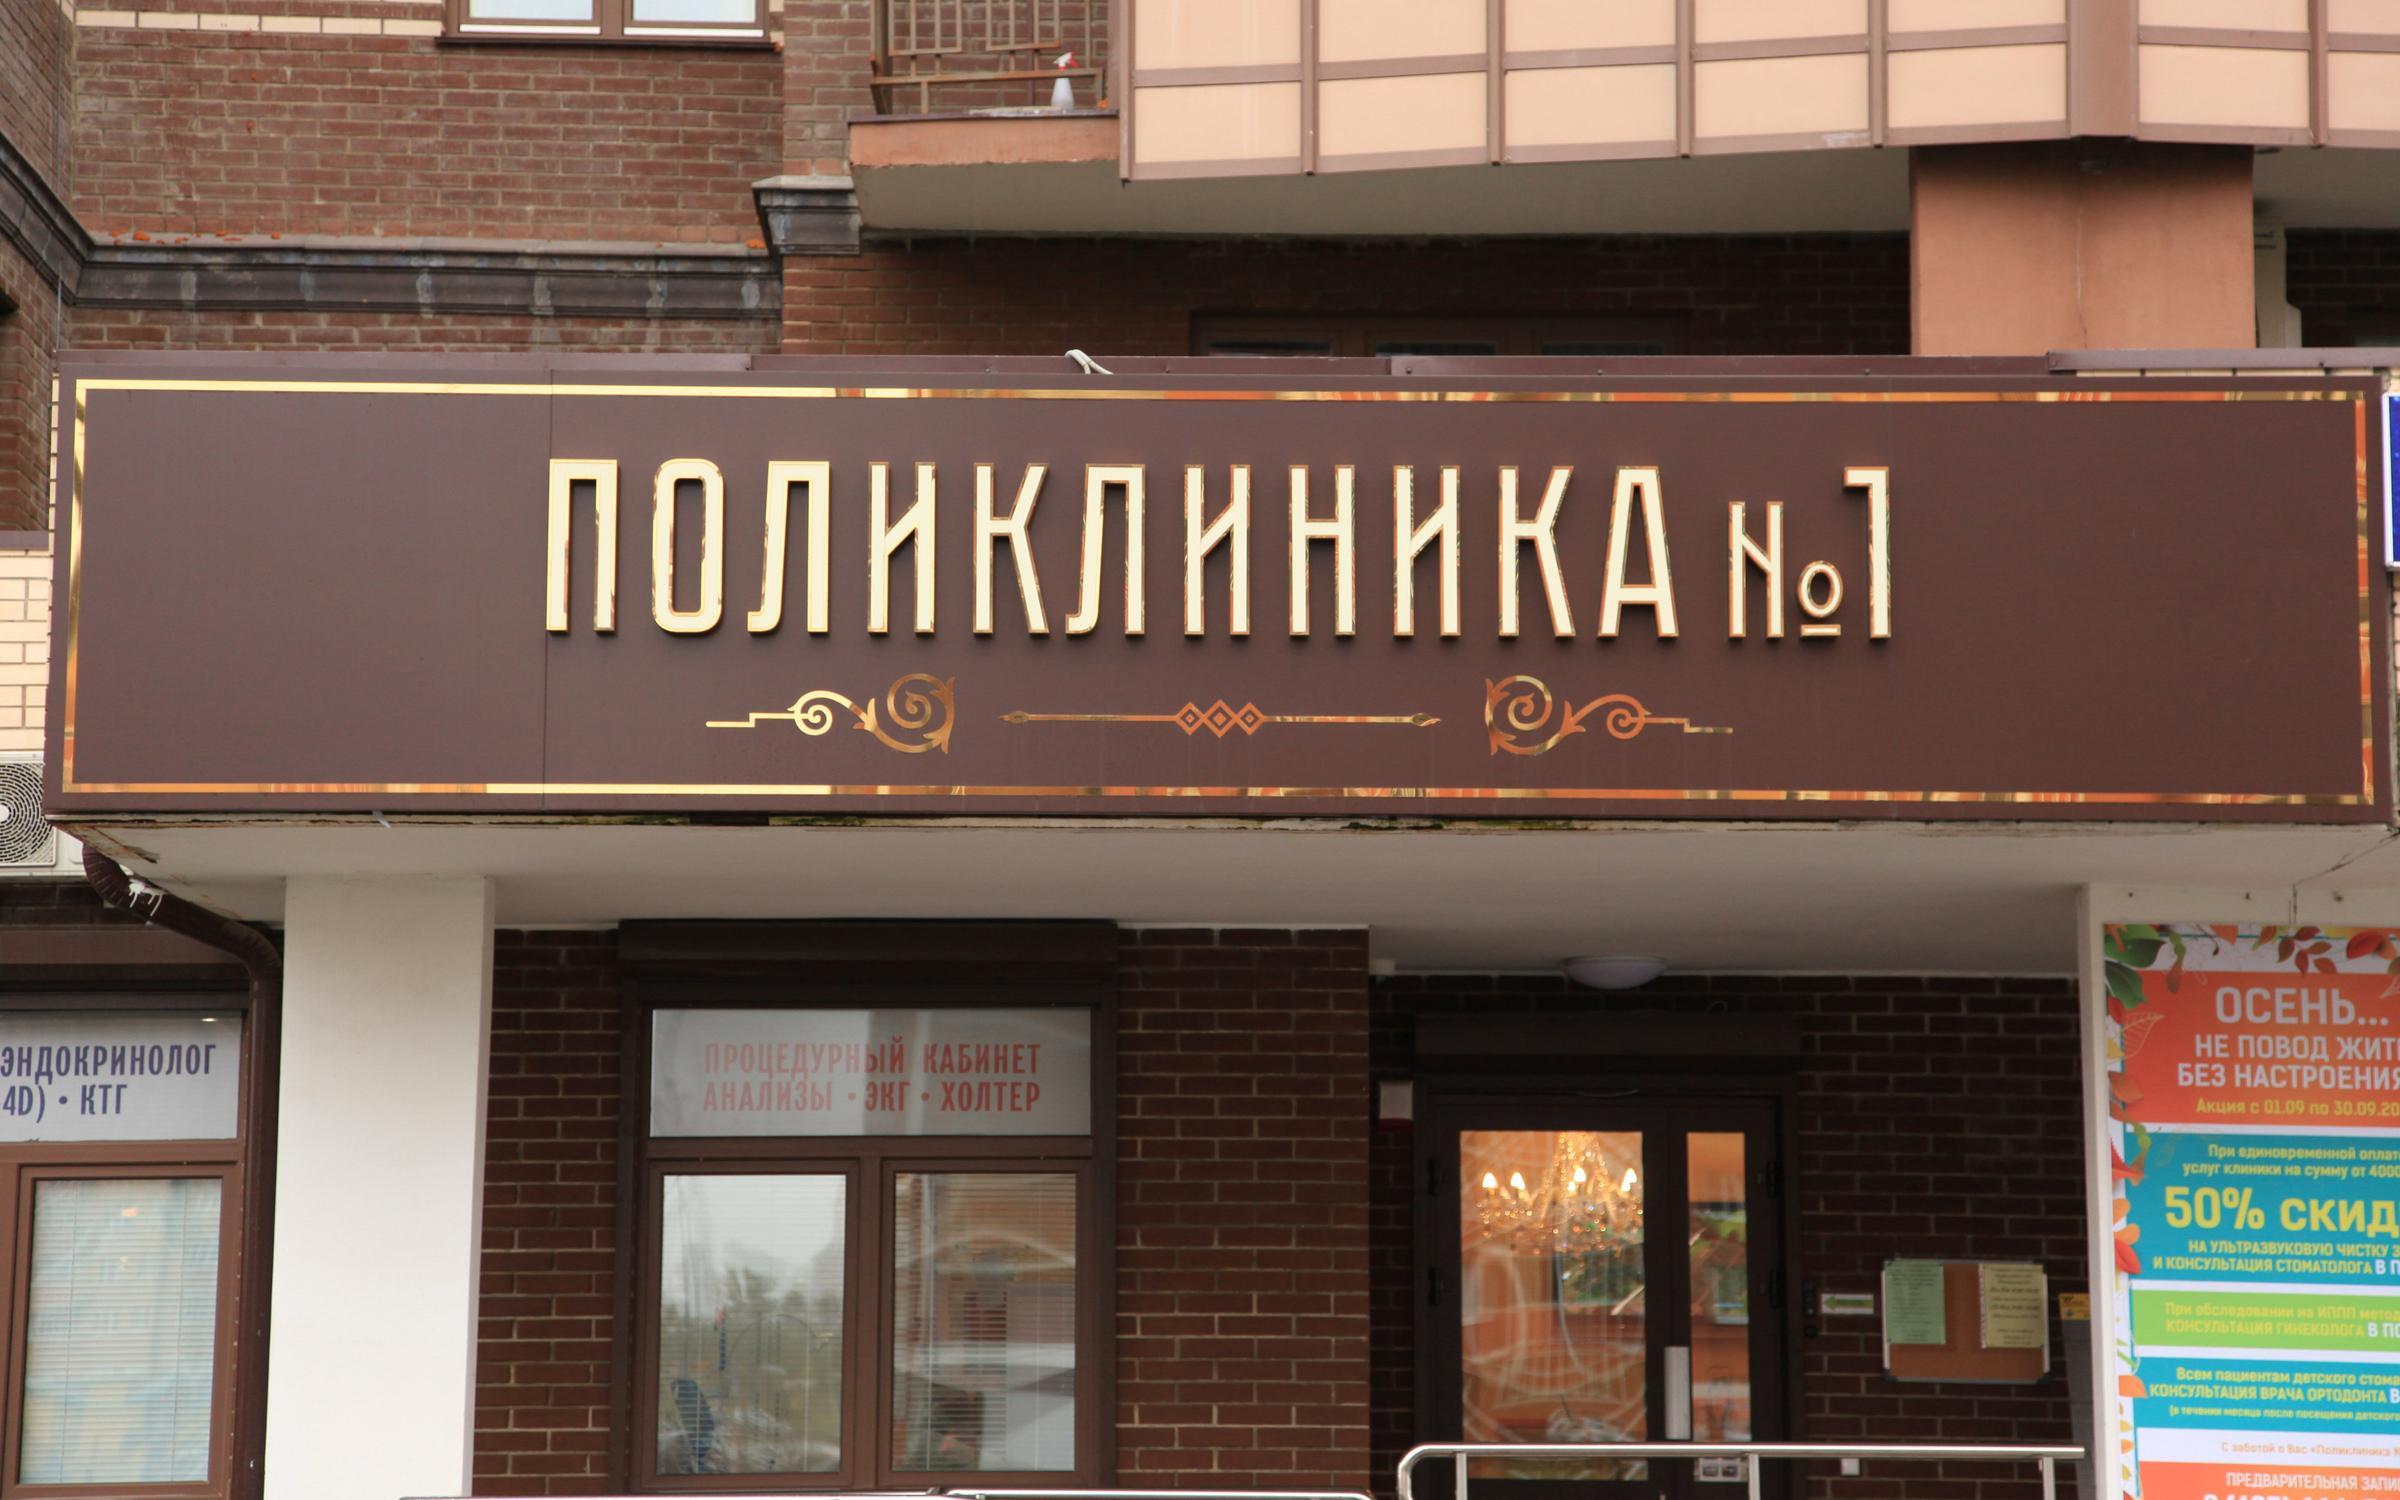 фотография Поликлиники №1 в Одинцово